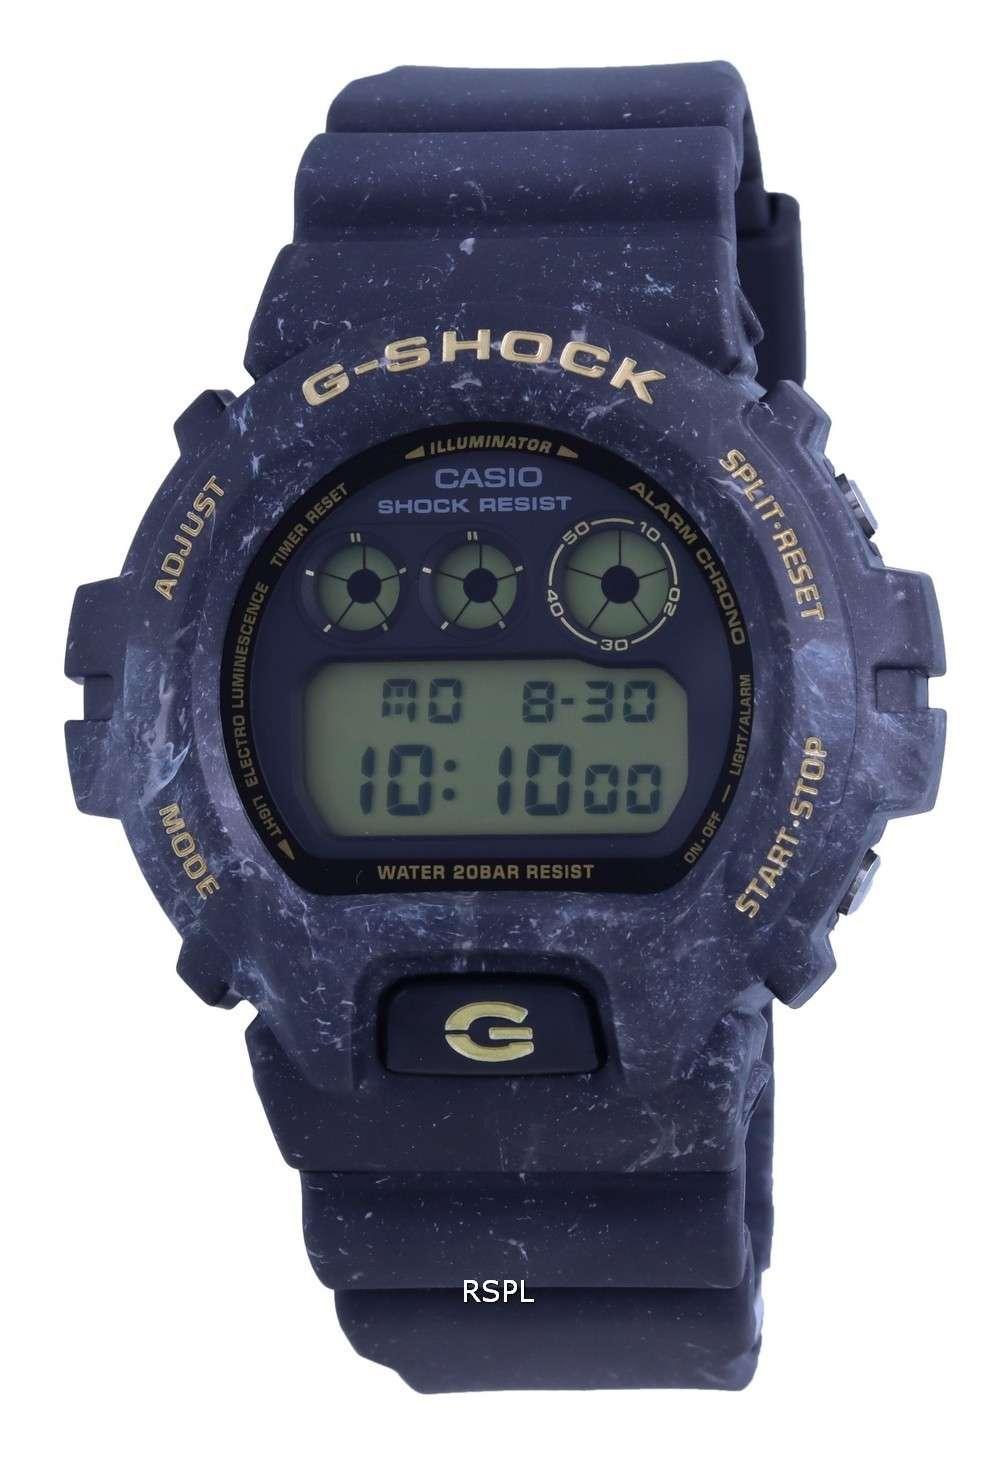 Reloj Casio G-Shock Special Color Digital DW-6900WS-1 DW6900WS-1 200M para hombre